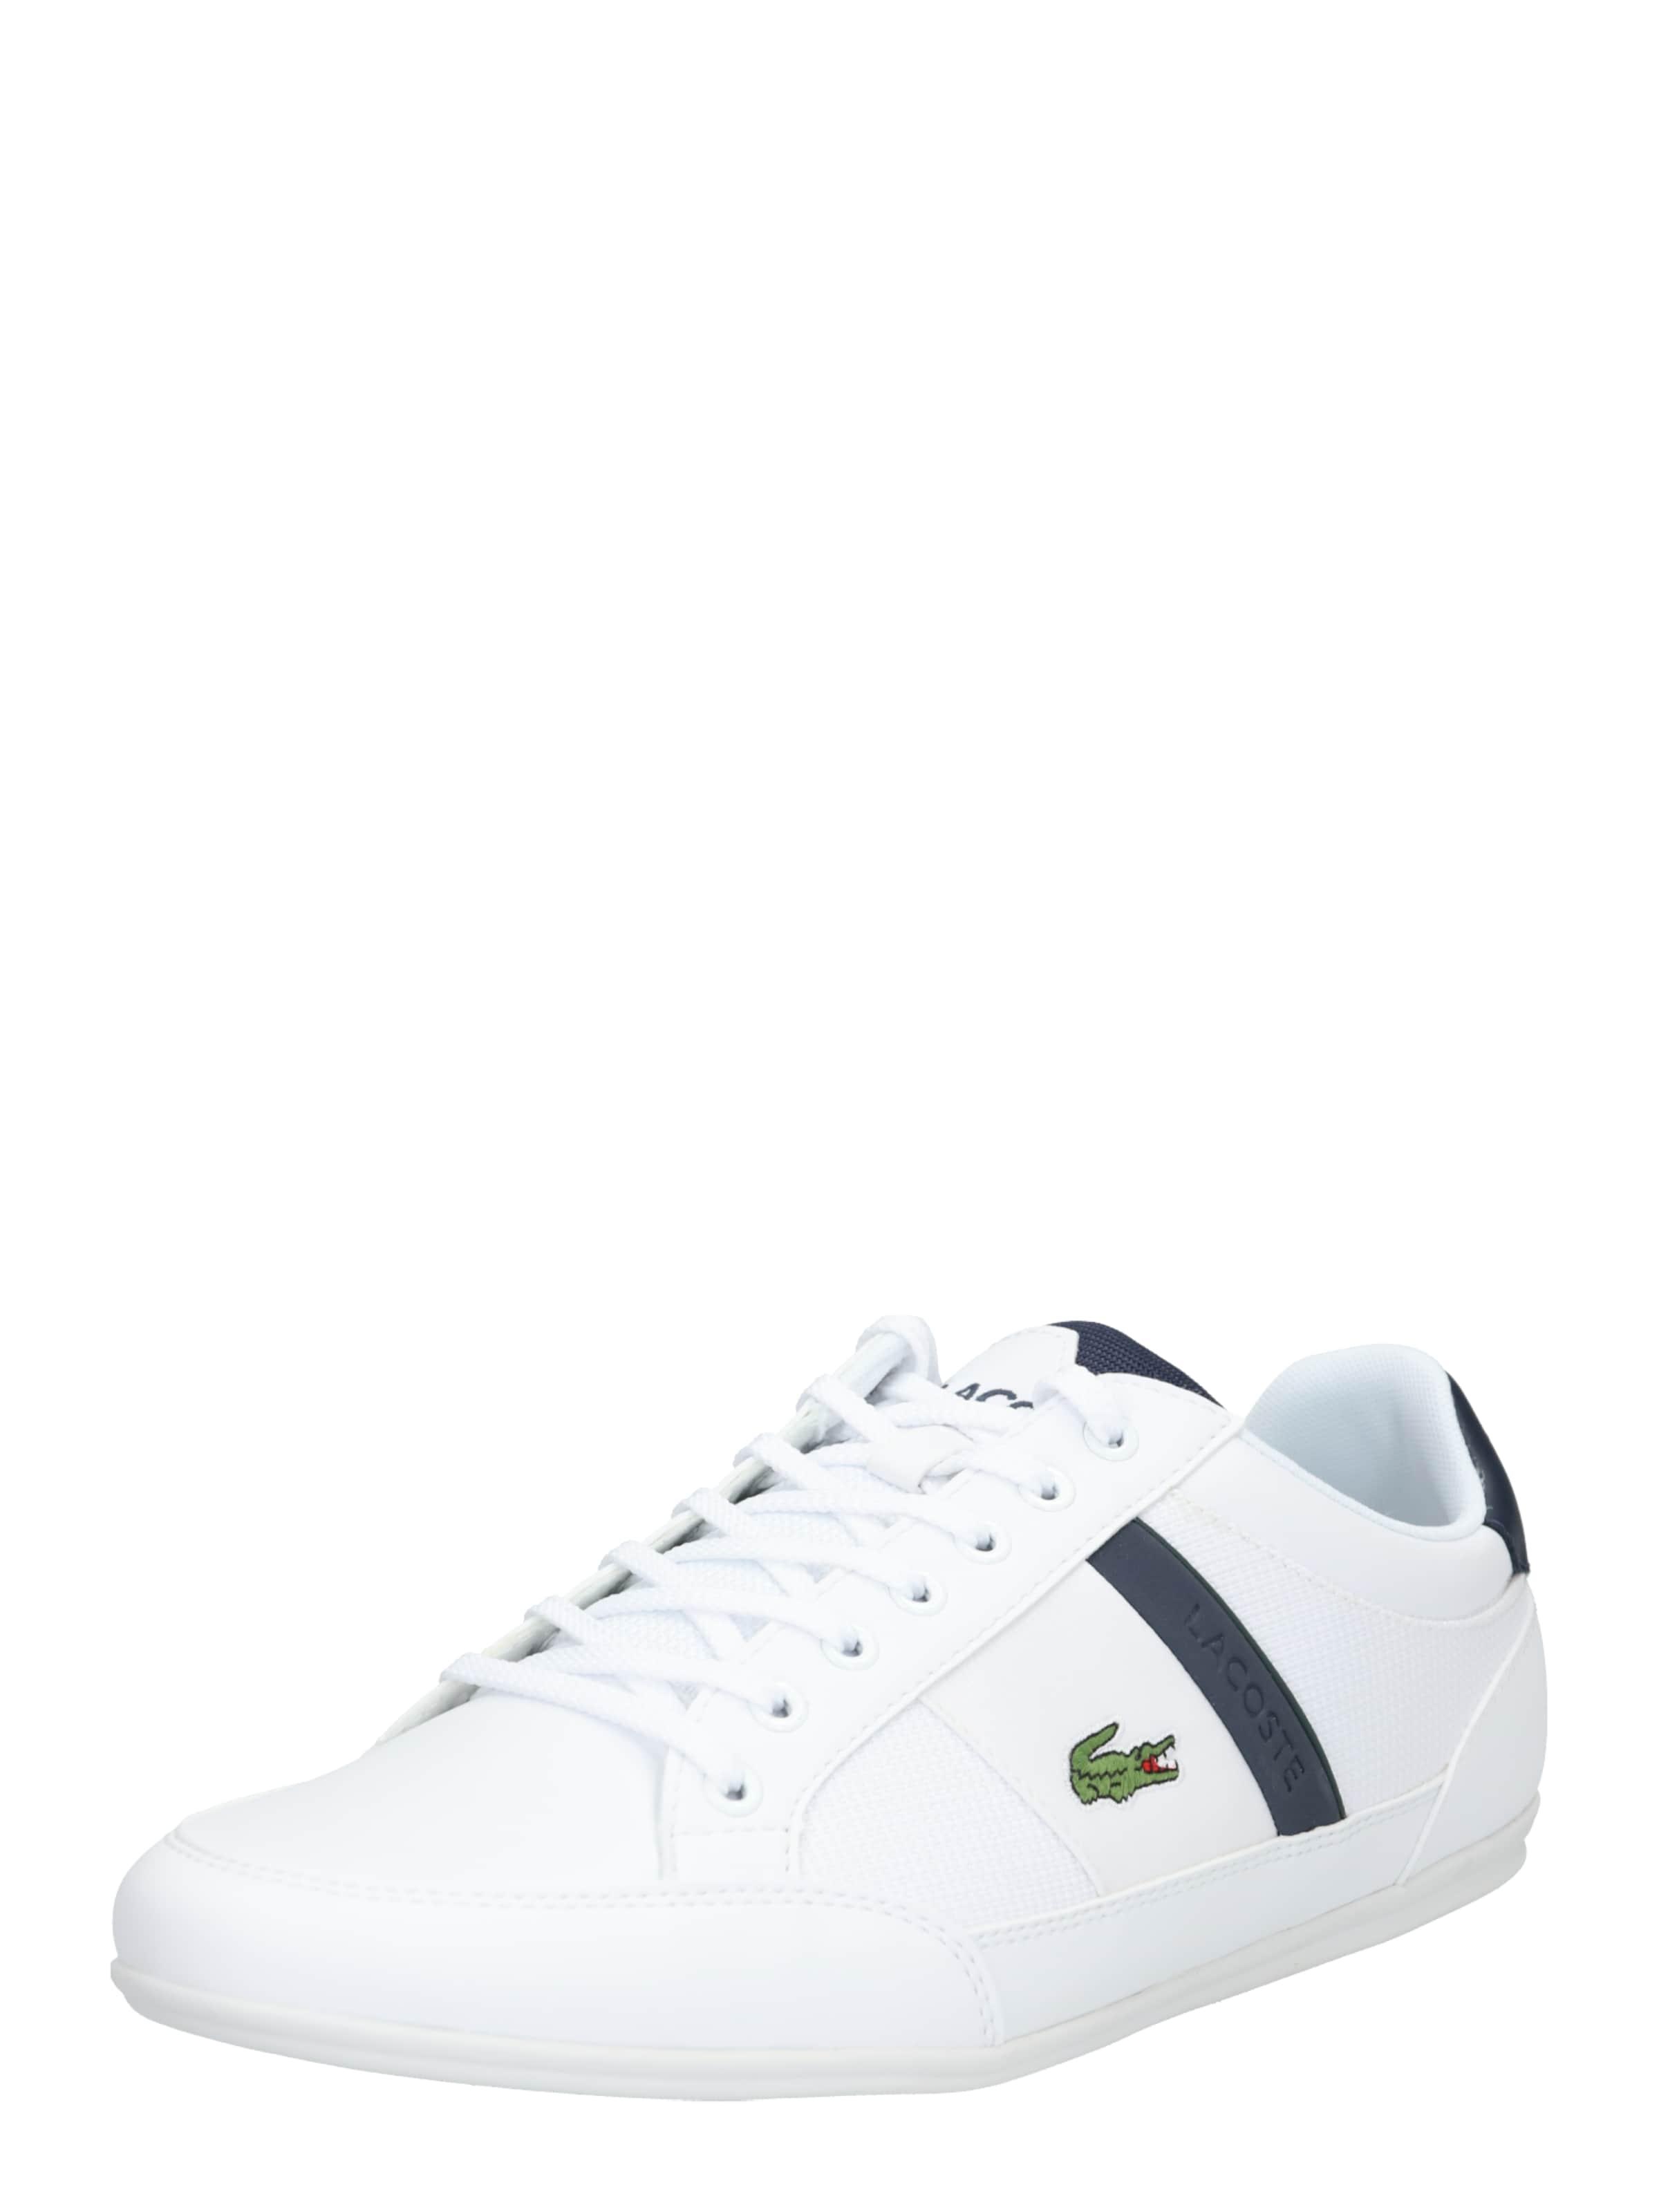 319 Lacoste 3 Sneaker NavyRot 'chaymon In Cma' nkNPZ0O8wX